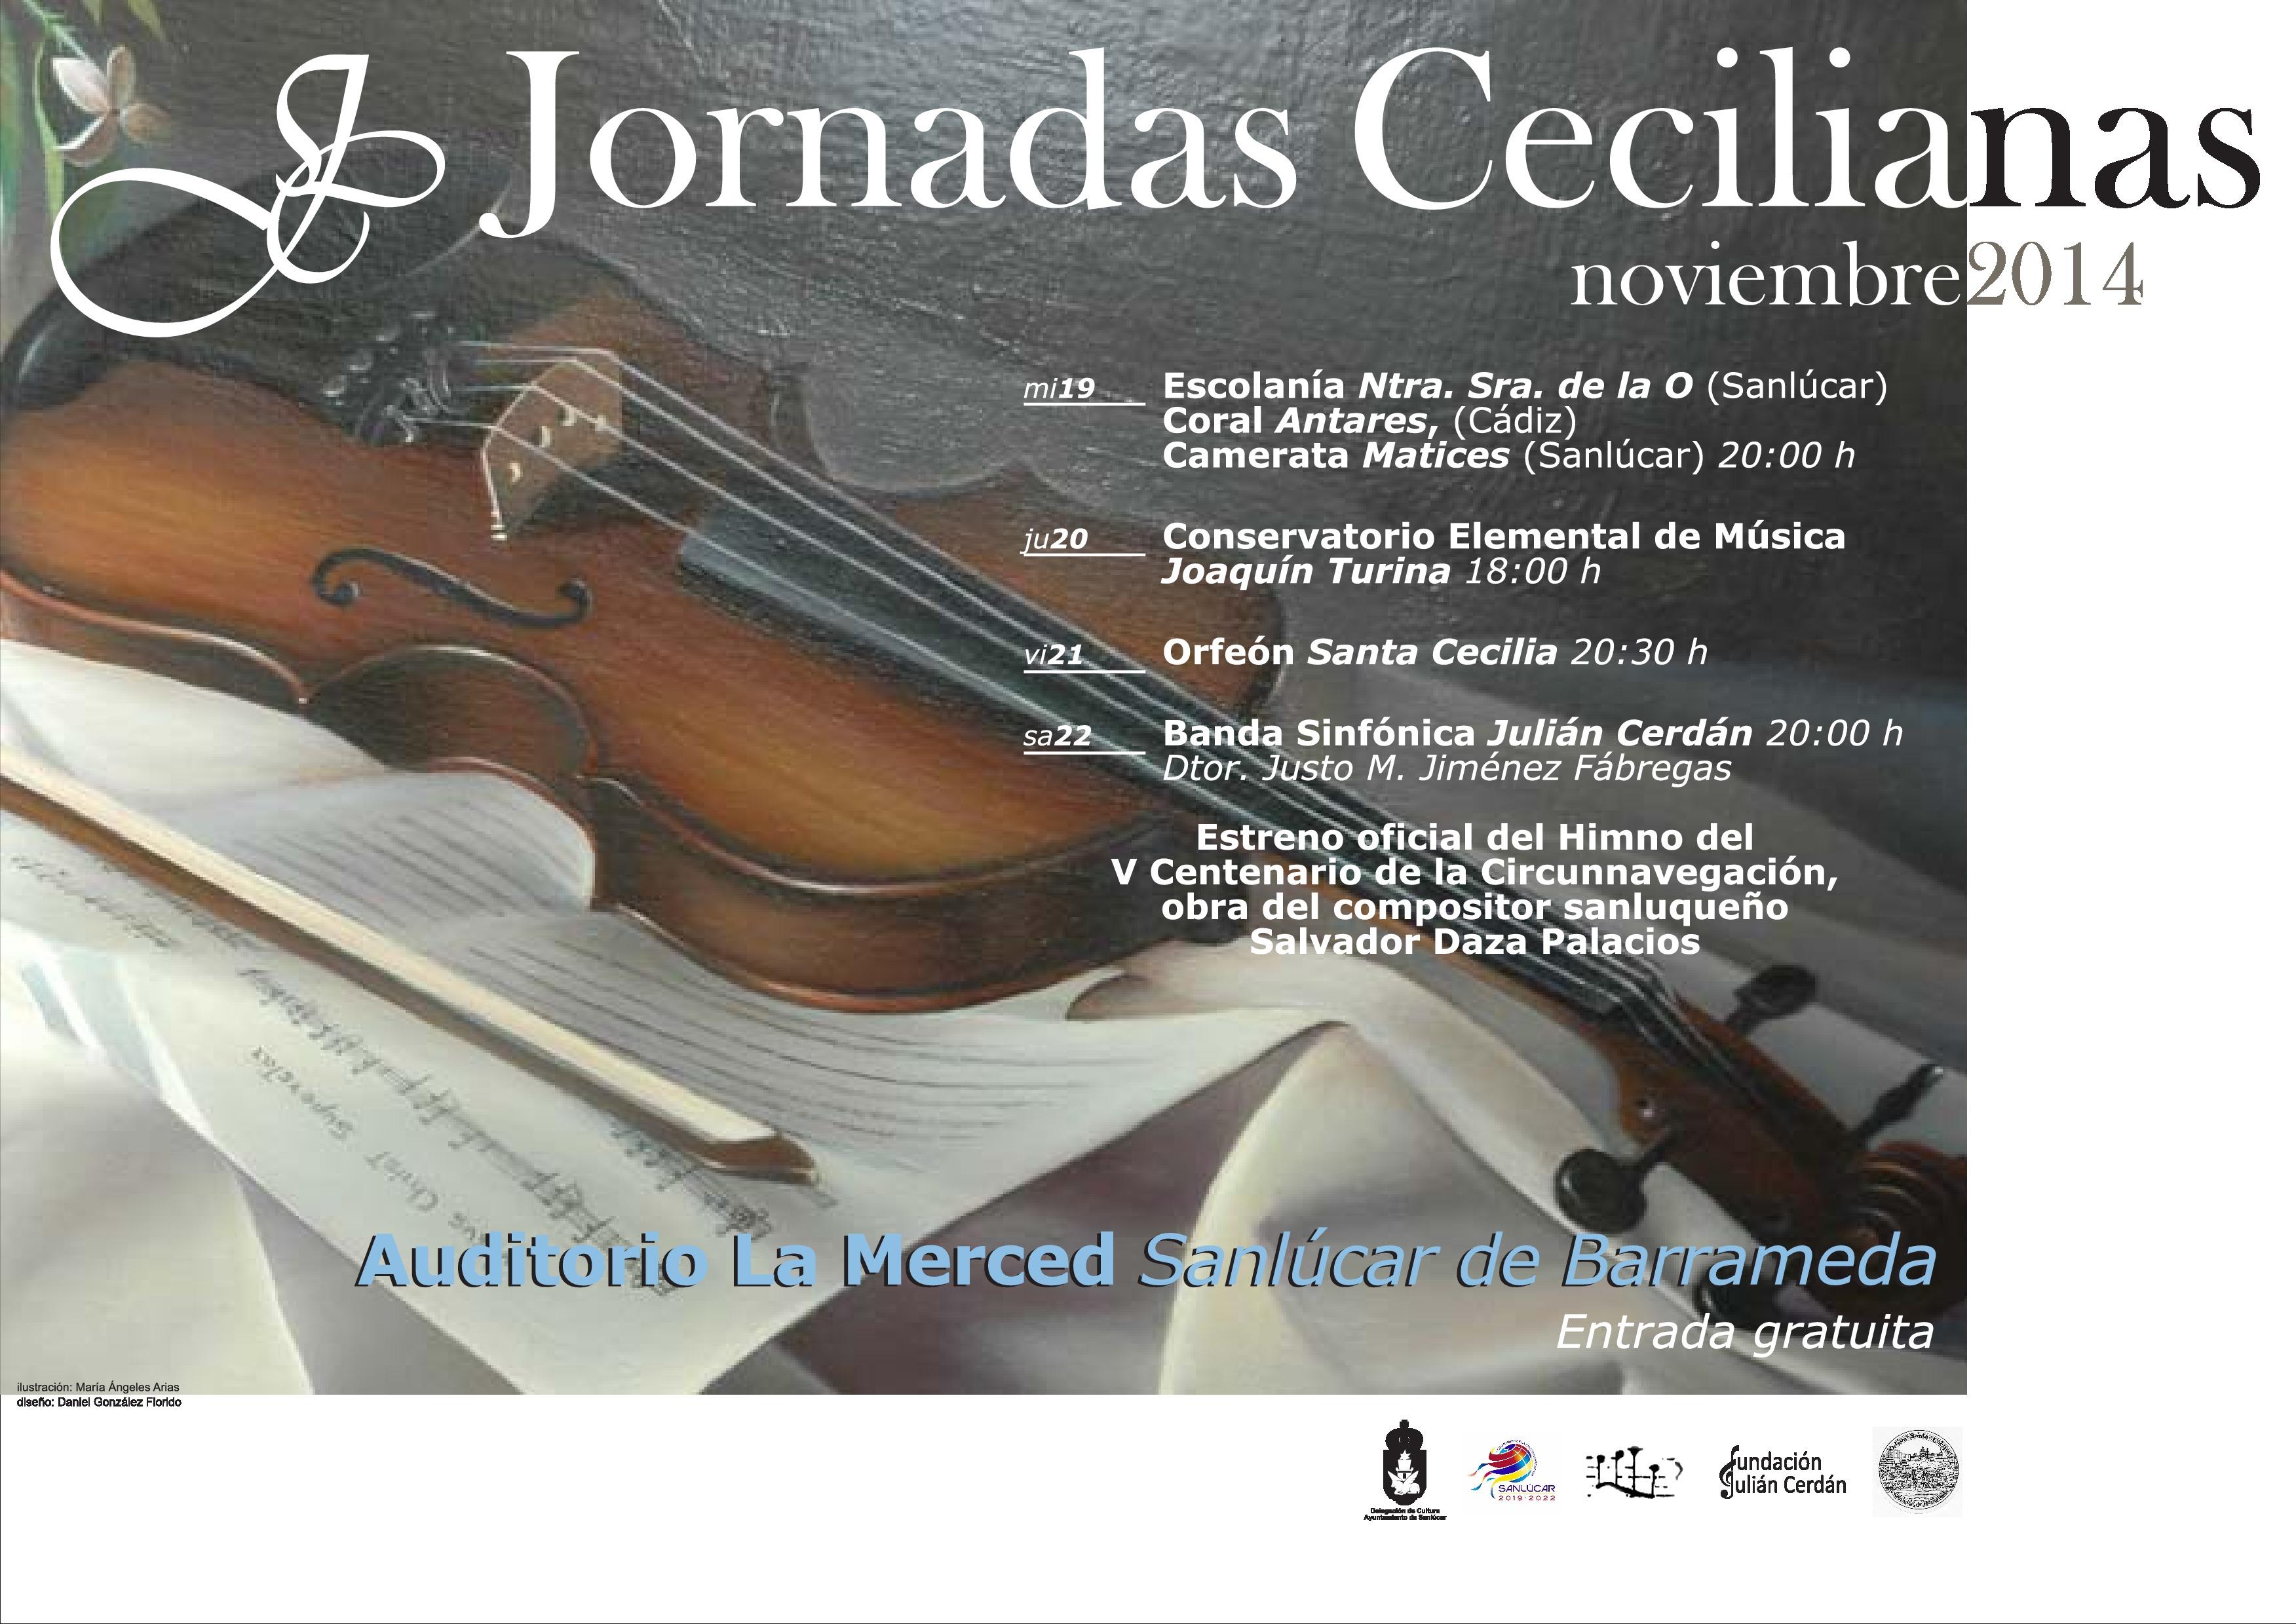 CARTEL Jornadas Cecilianas 2014-page-0